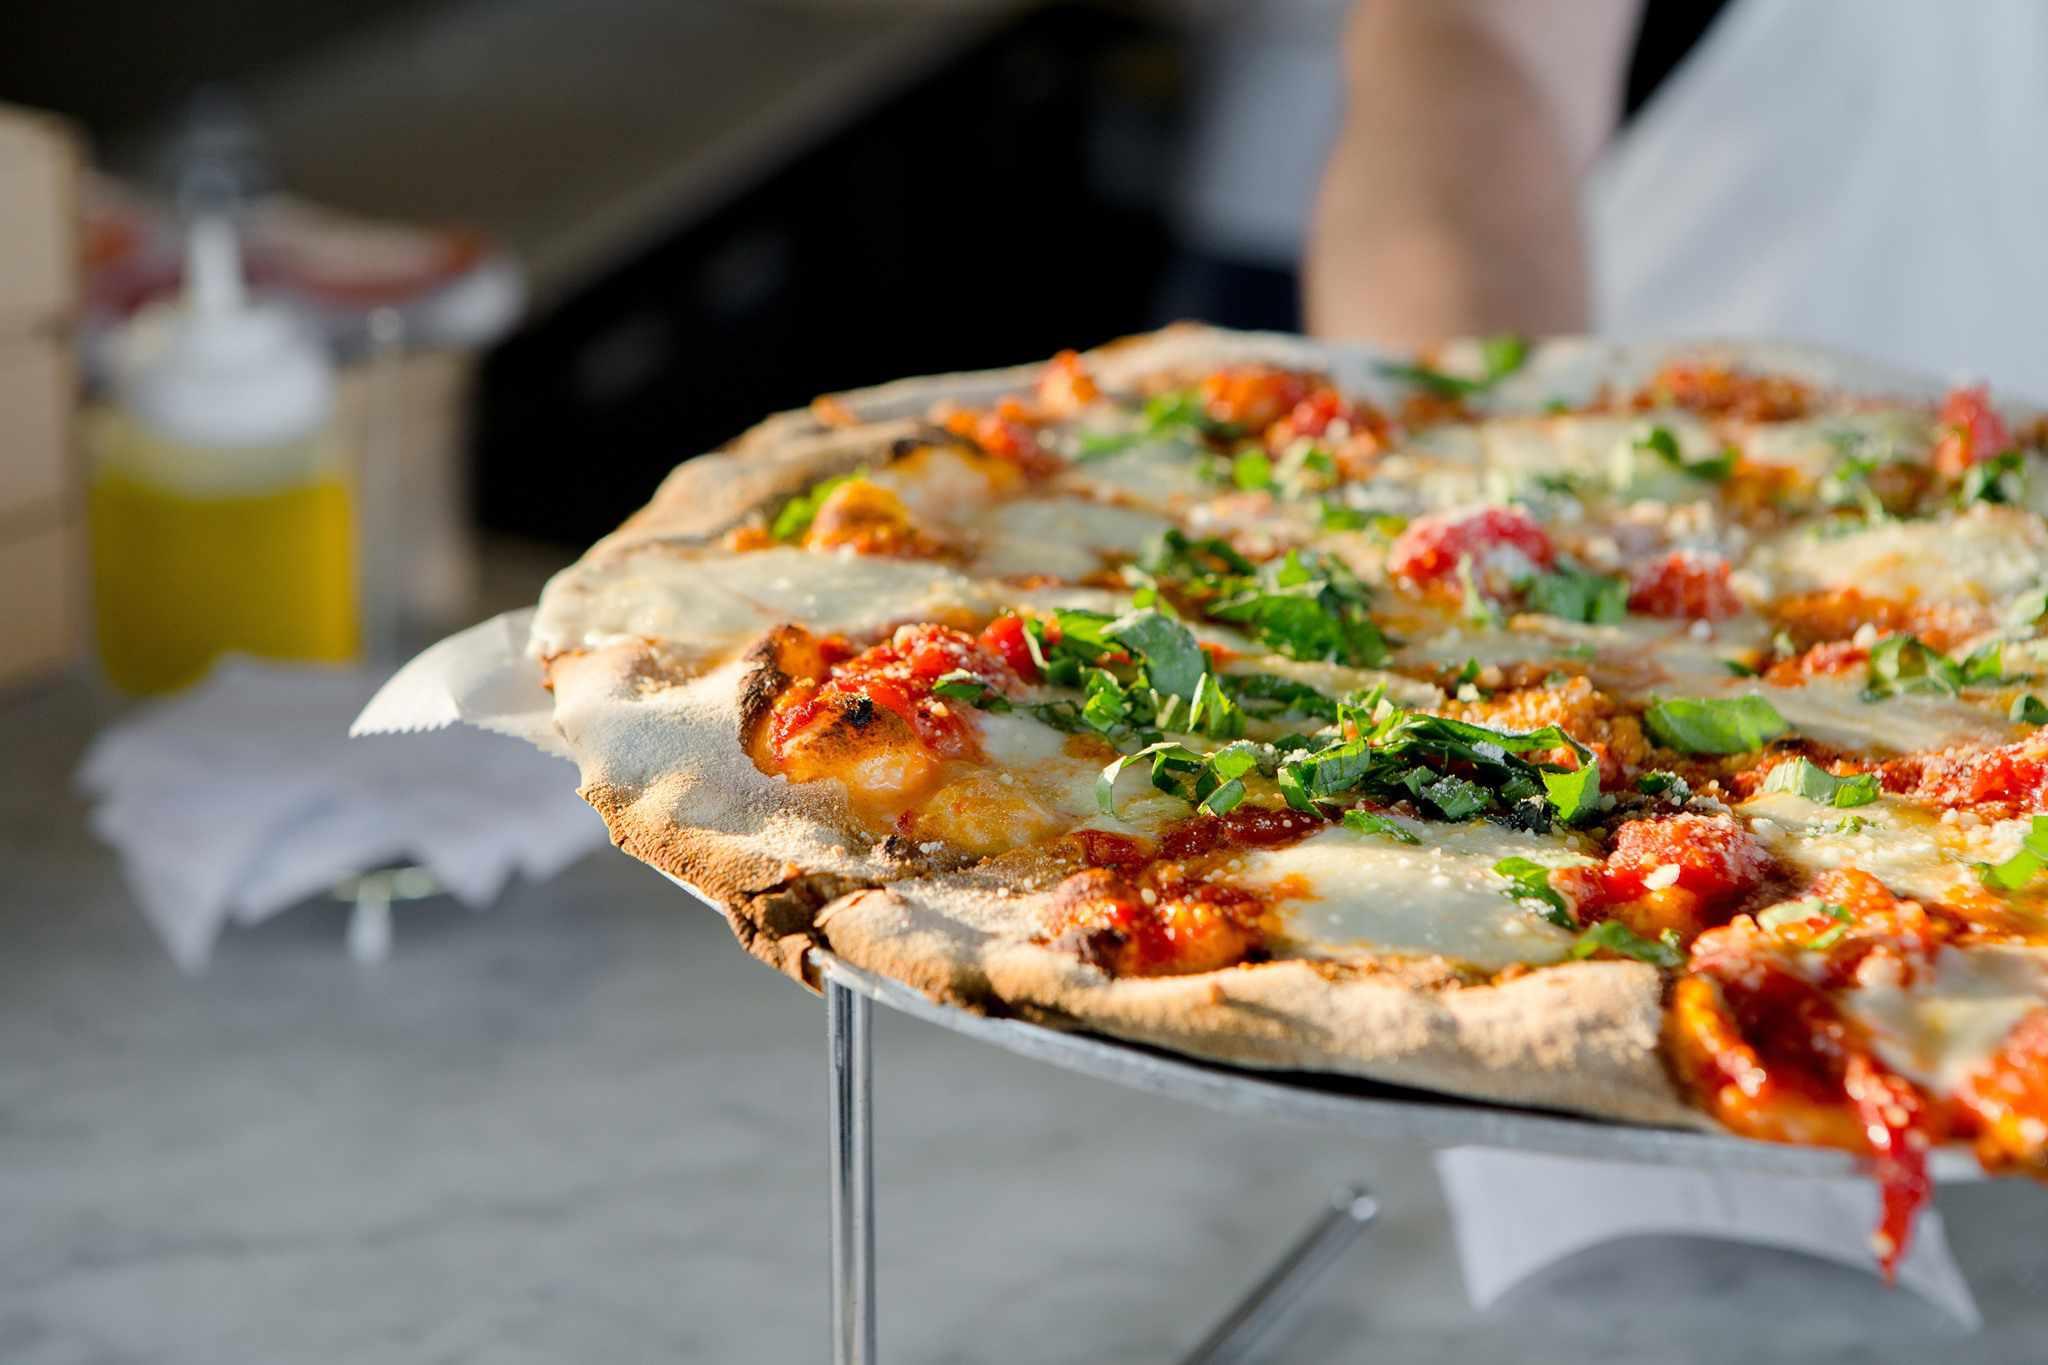 Primer plano de una pizza en un puesto con mozzarella fresca, salsa de tomate y albahaca encima